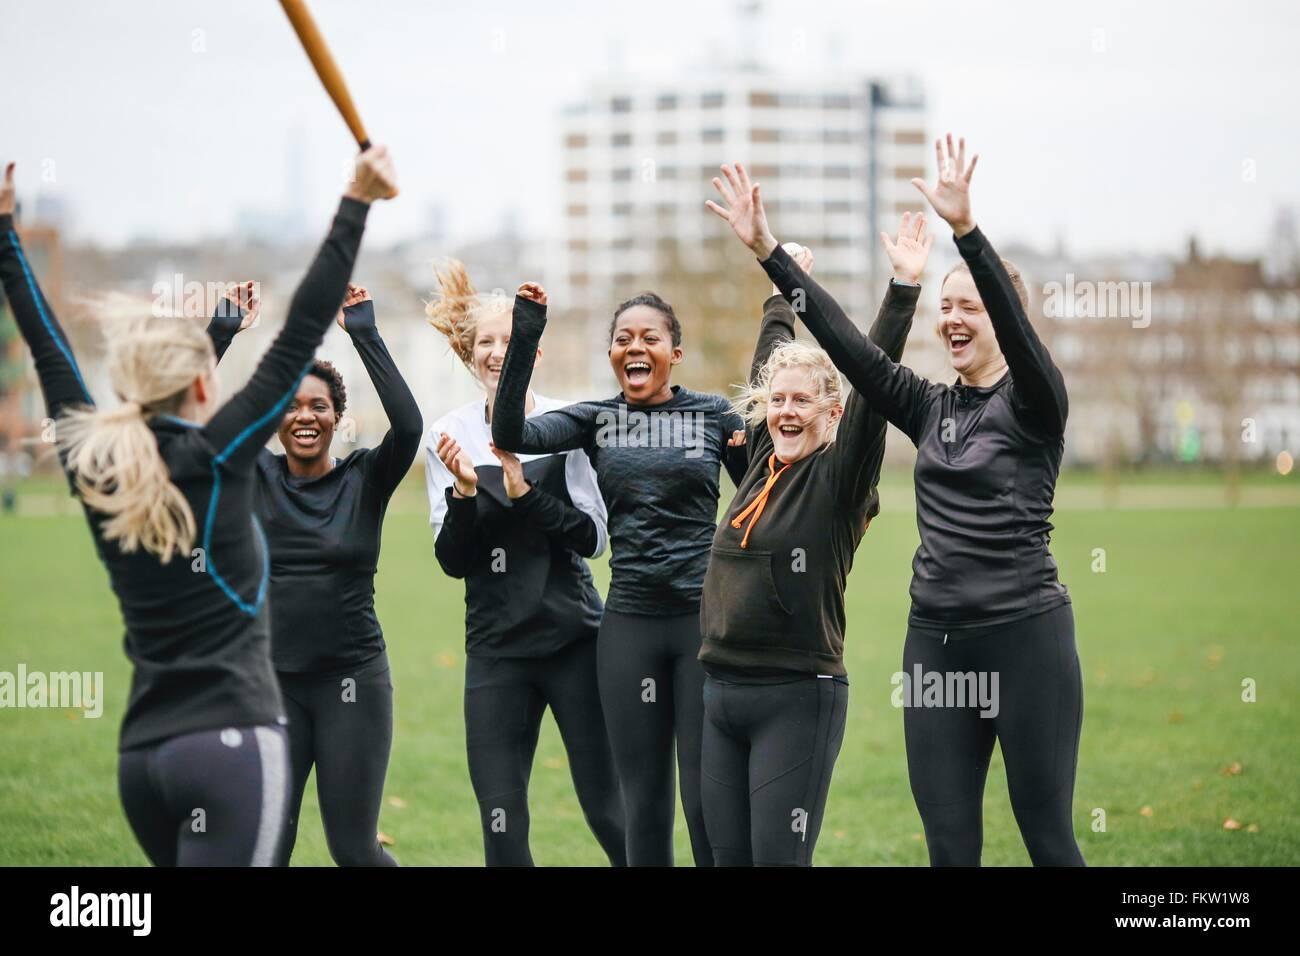 Rounders equipo femenino celebrando en rounders coinciden Imagen De Stock